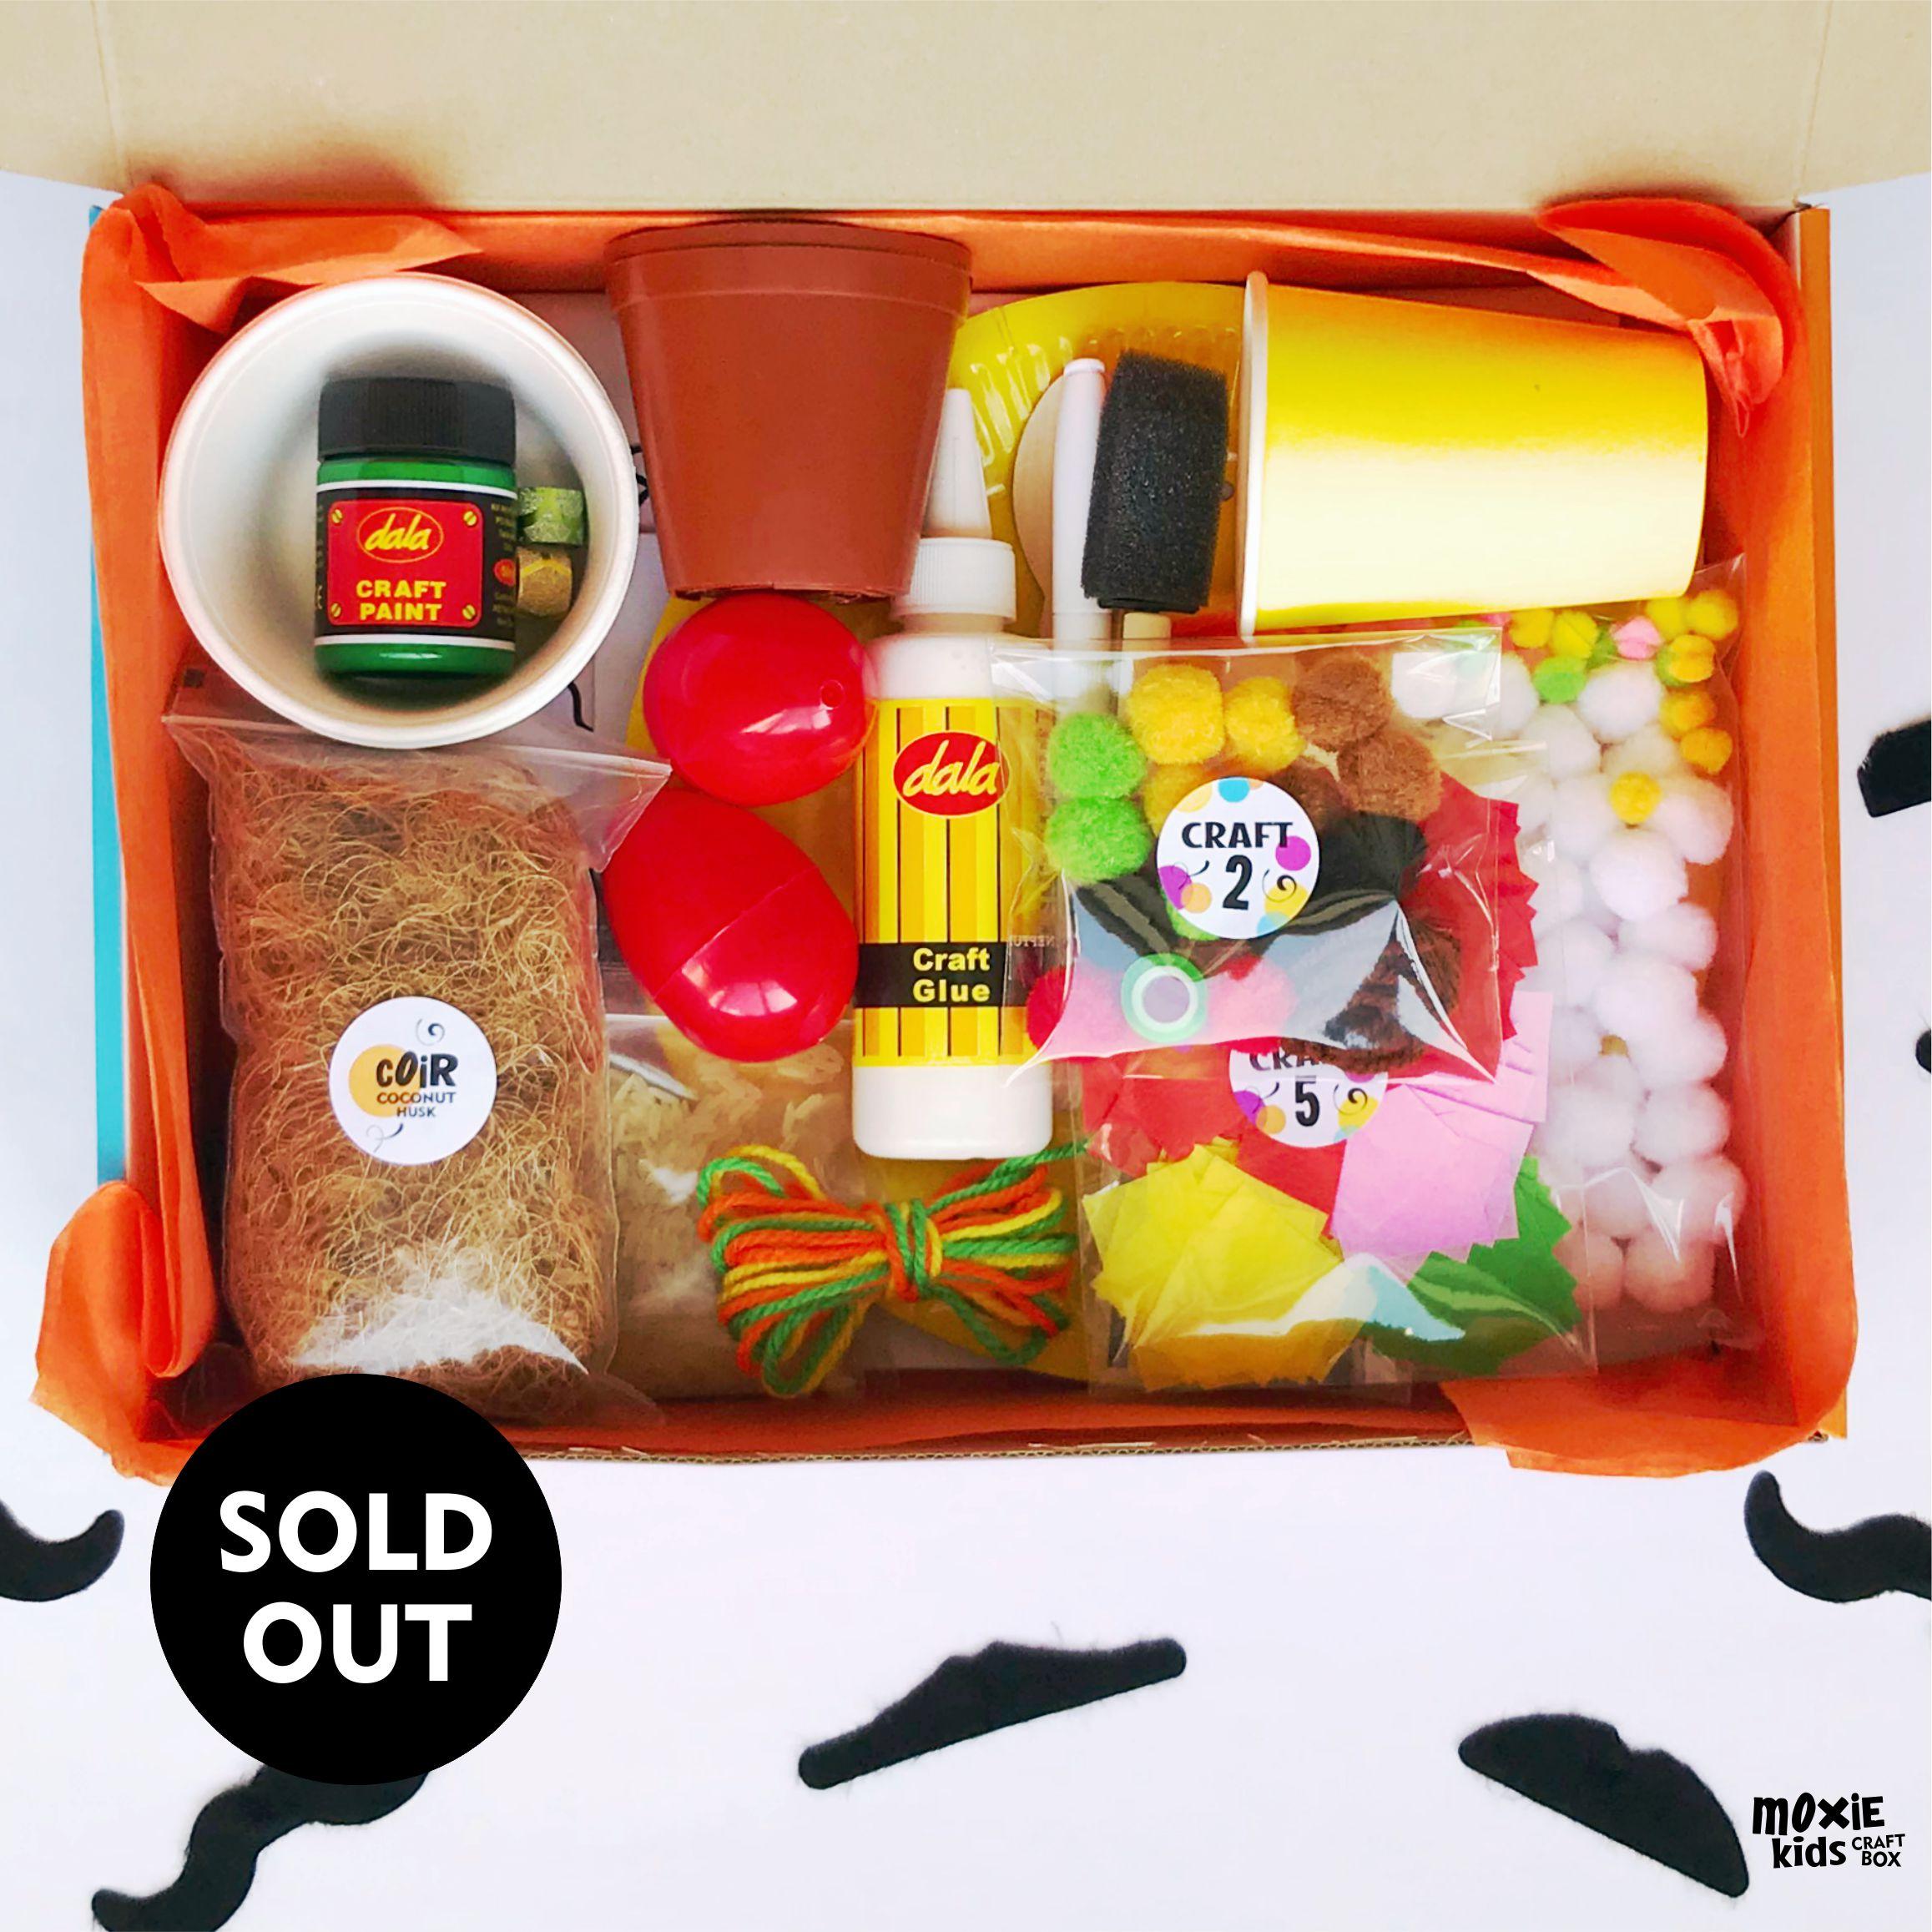 http://www.moxiekids.co.za/wp-content/uploads/2020/03/Moxie-Kids-Fiesta-Fun-Sold-Out.jpg